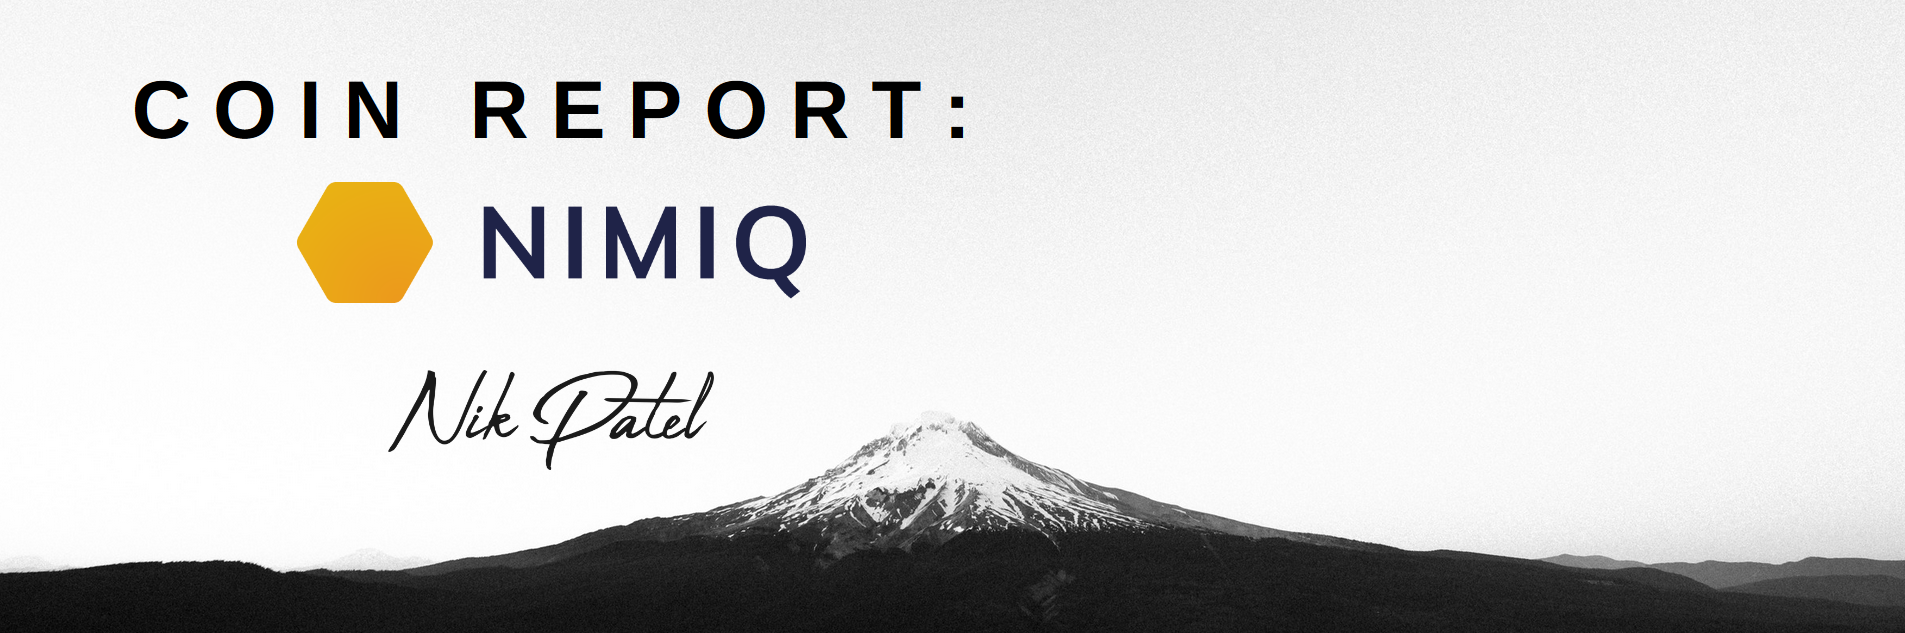 Coin Report #26: Nimiq